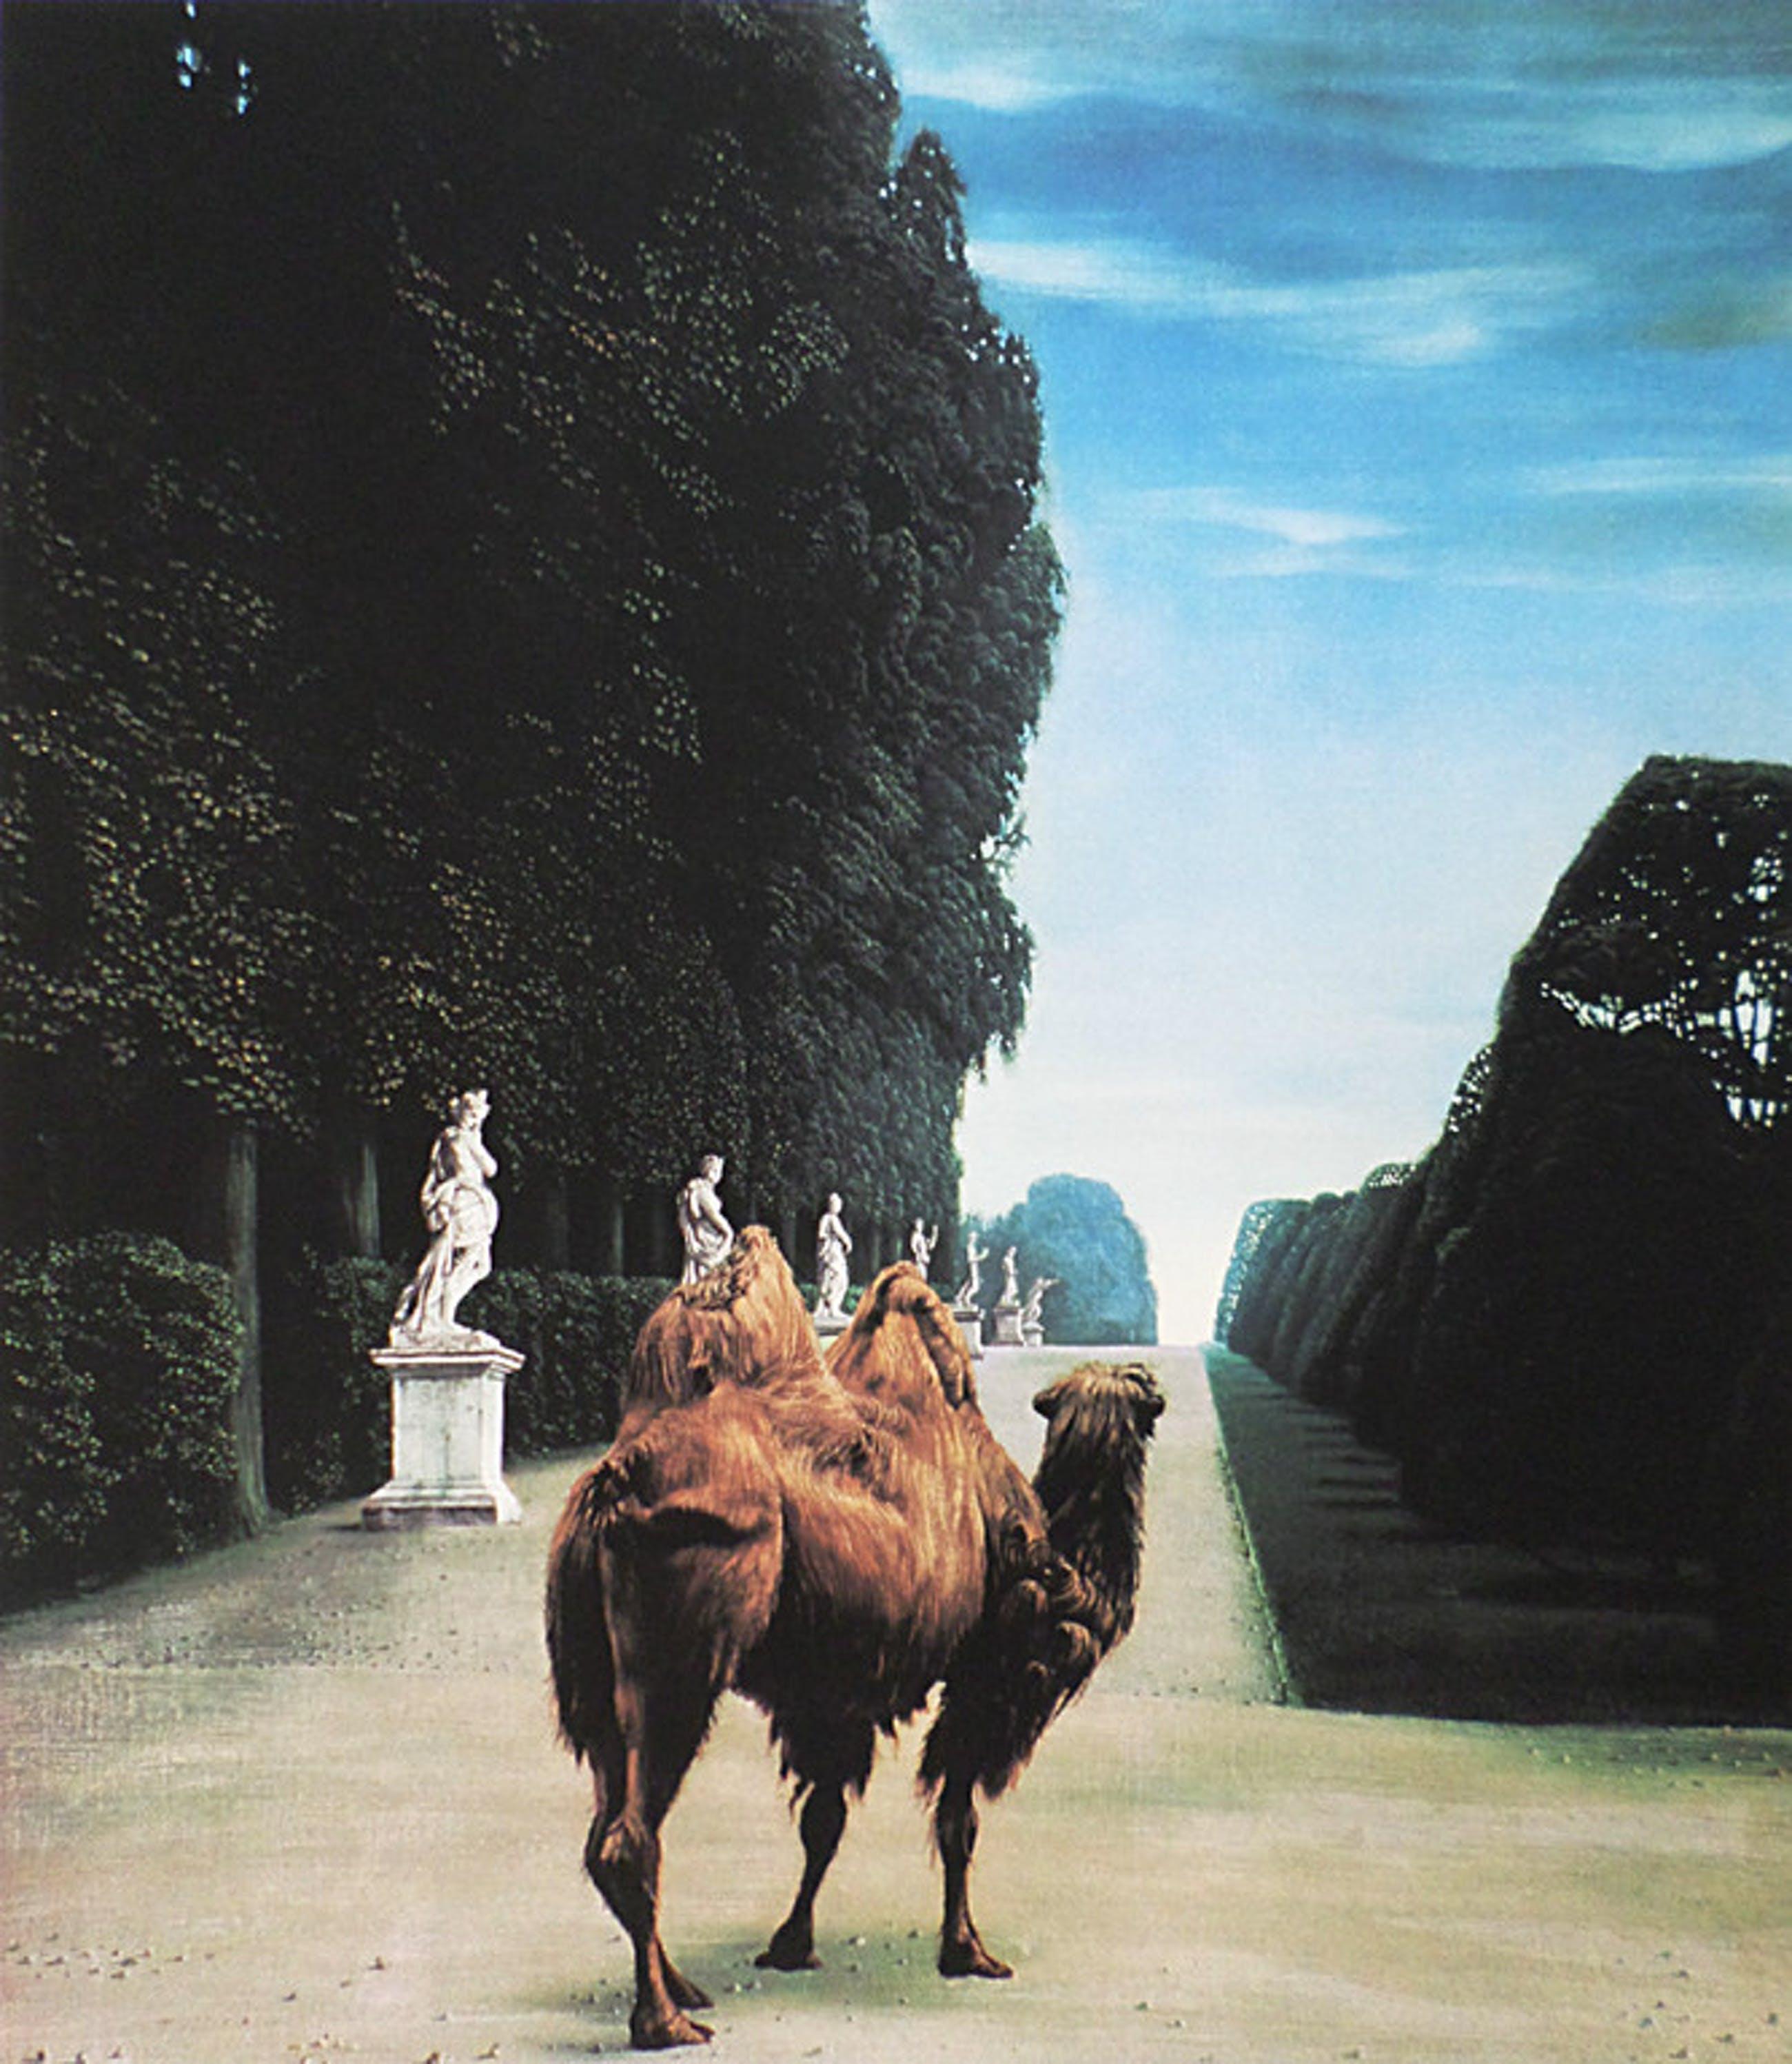 Carel Willink - Kameel in het park van Versailles, digitale kleurenprint kopen? Bied vanaf 75!